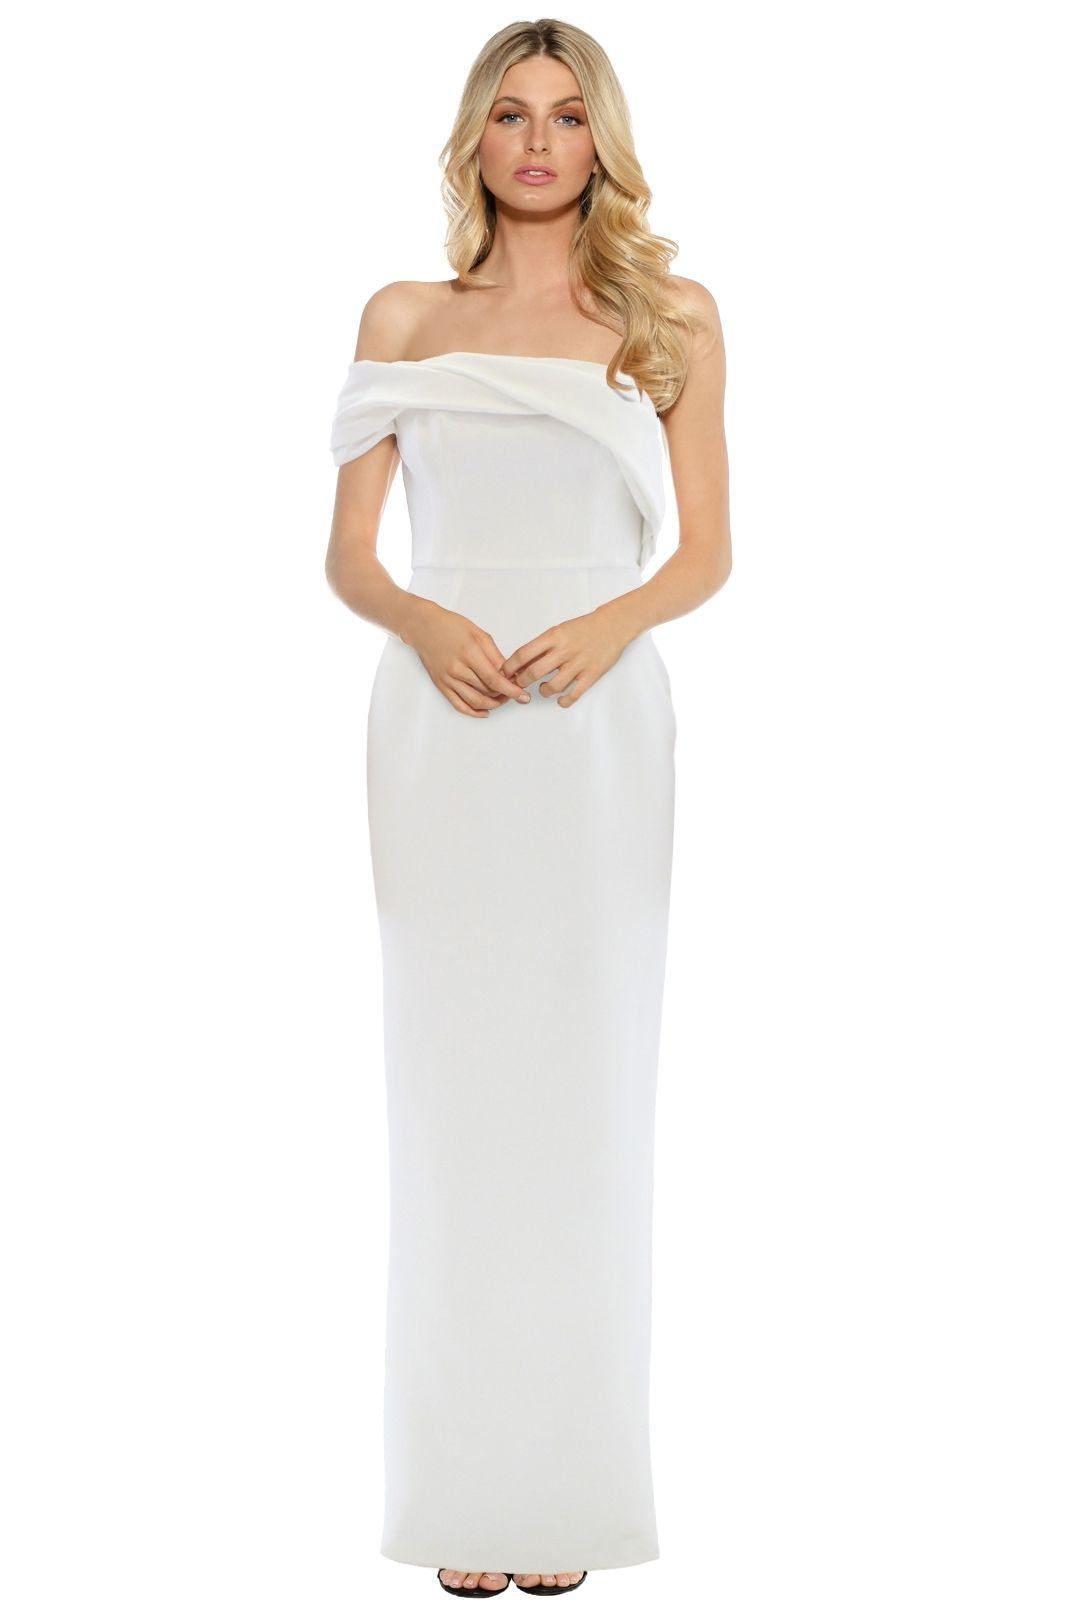 Unspoken - Aster One Shoulder Dress - Ivory - Front